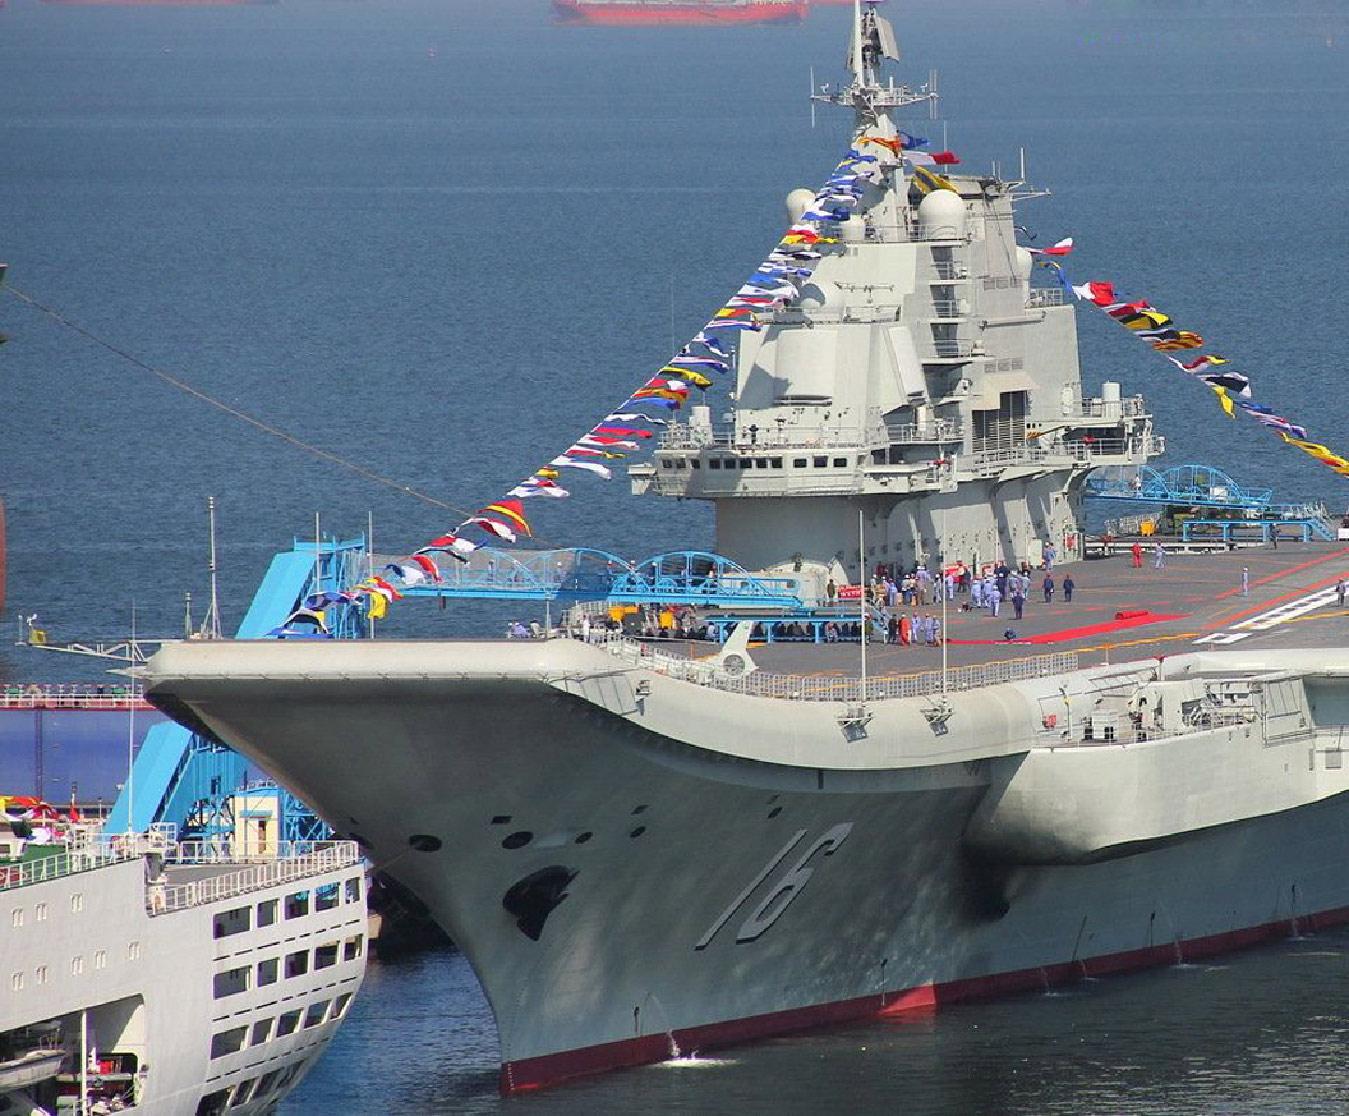 Le Liaoning, ex-Varyag (soviétique), premier porte-avions de la marine chinoise